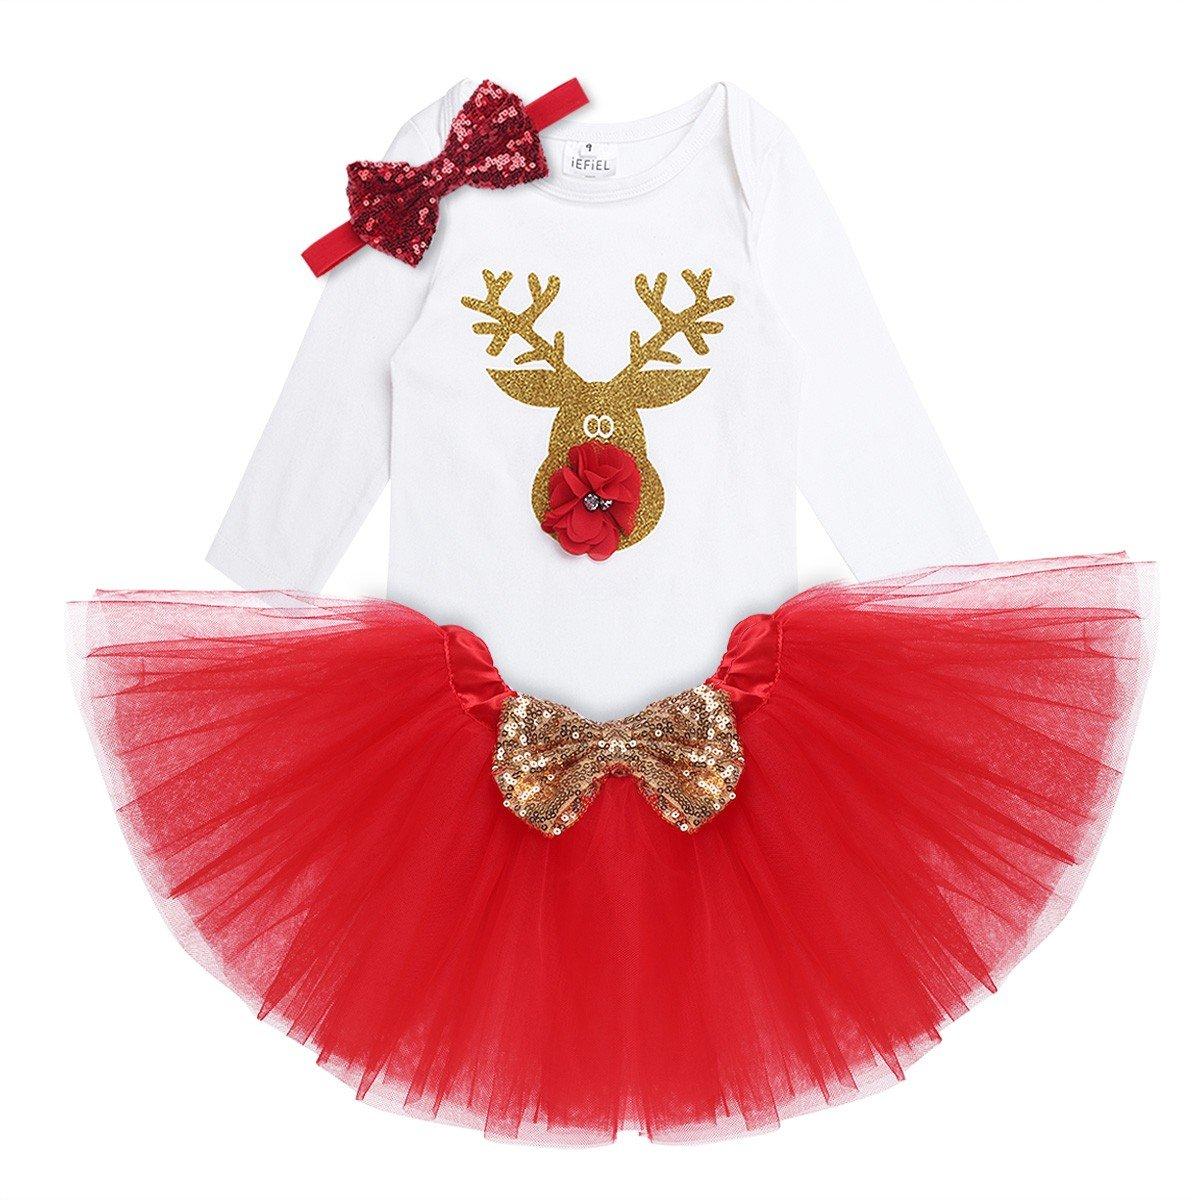 Freebily Vêtement Noël Bébé Fille Body Barboteuse Combinaison Manches Longues + Tutu Jupe + Bowknet Bandeau Noël Bébé Fille Déguisement 3-18 Mois